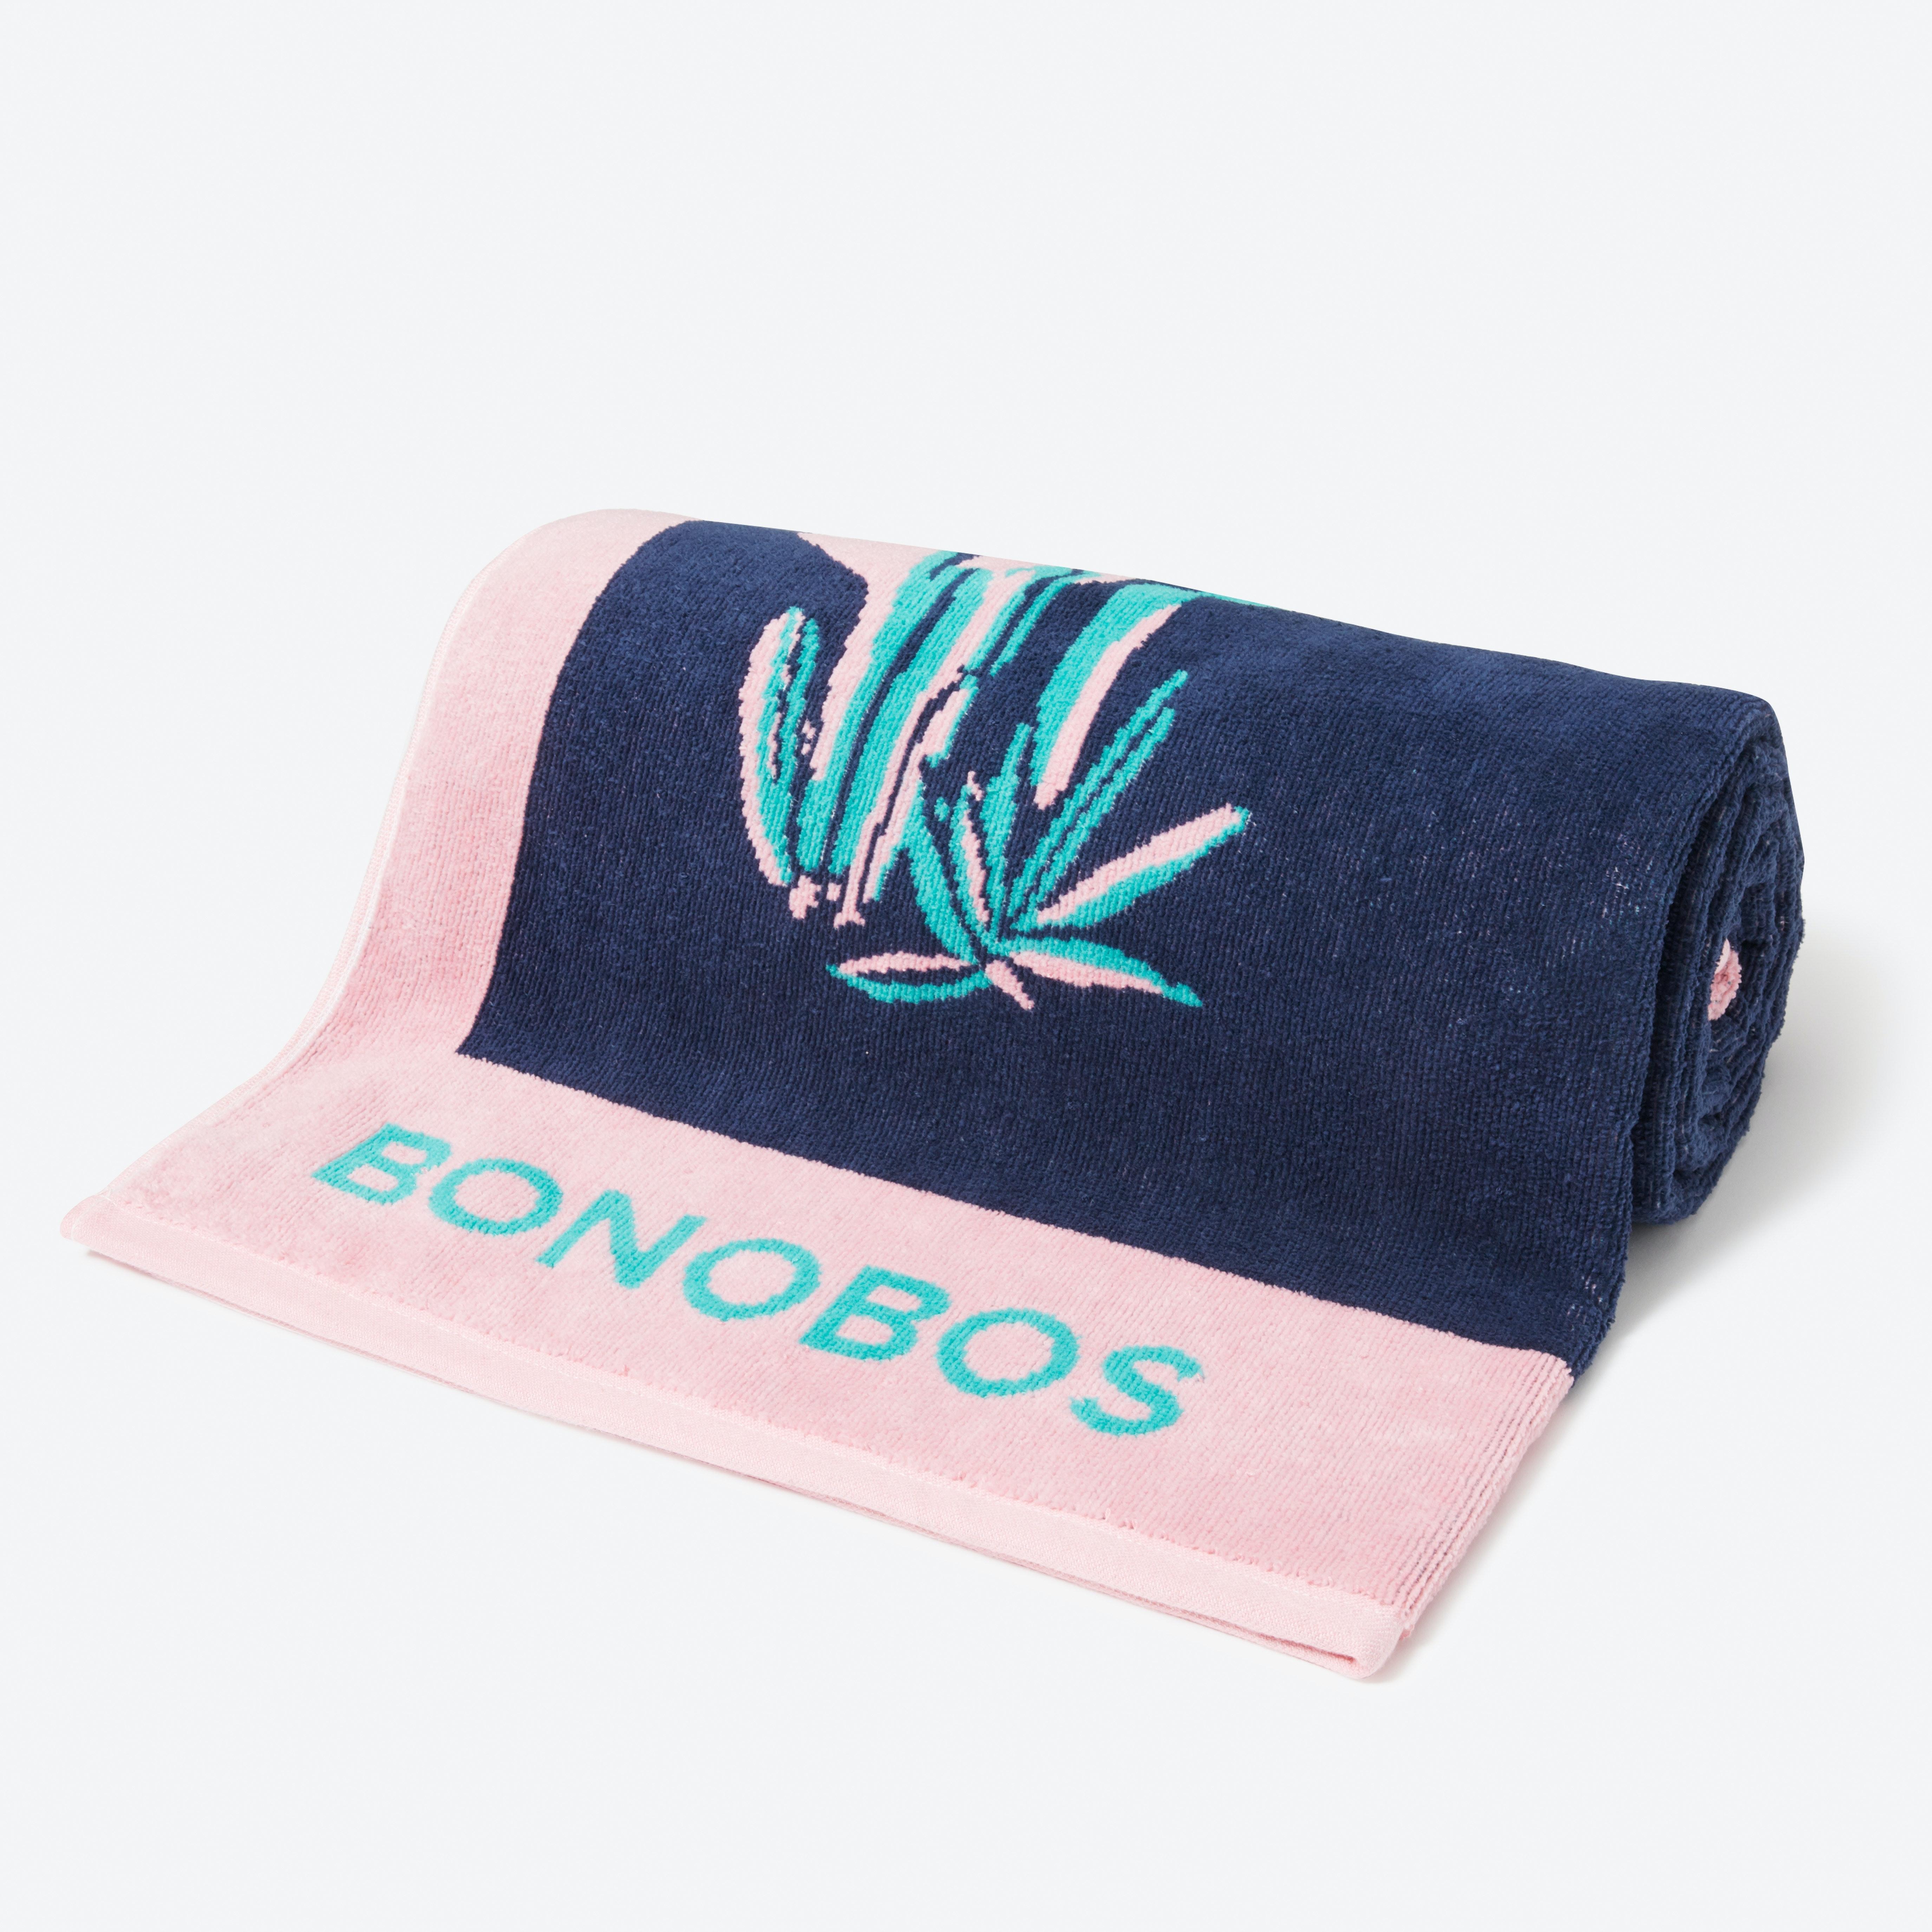 Banzai Beach Towel